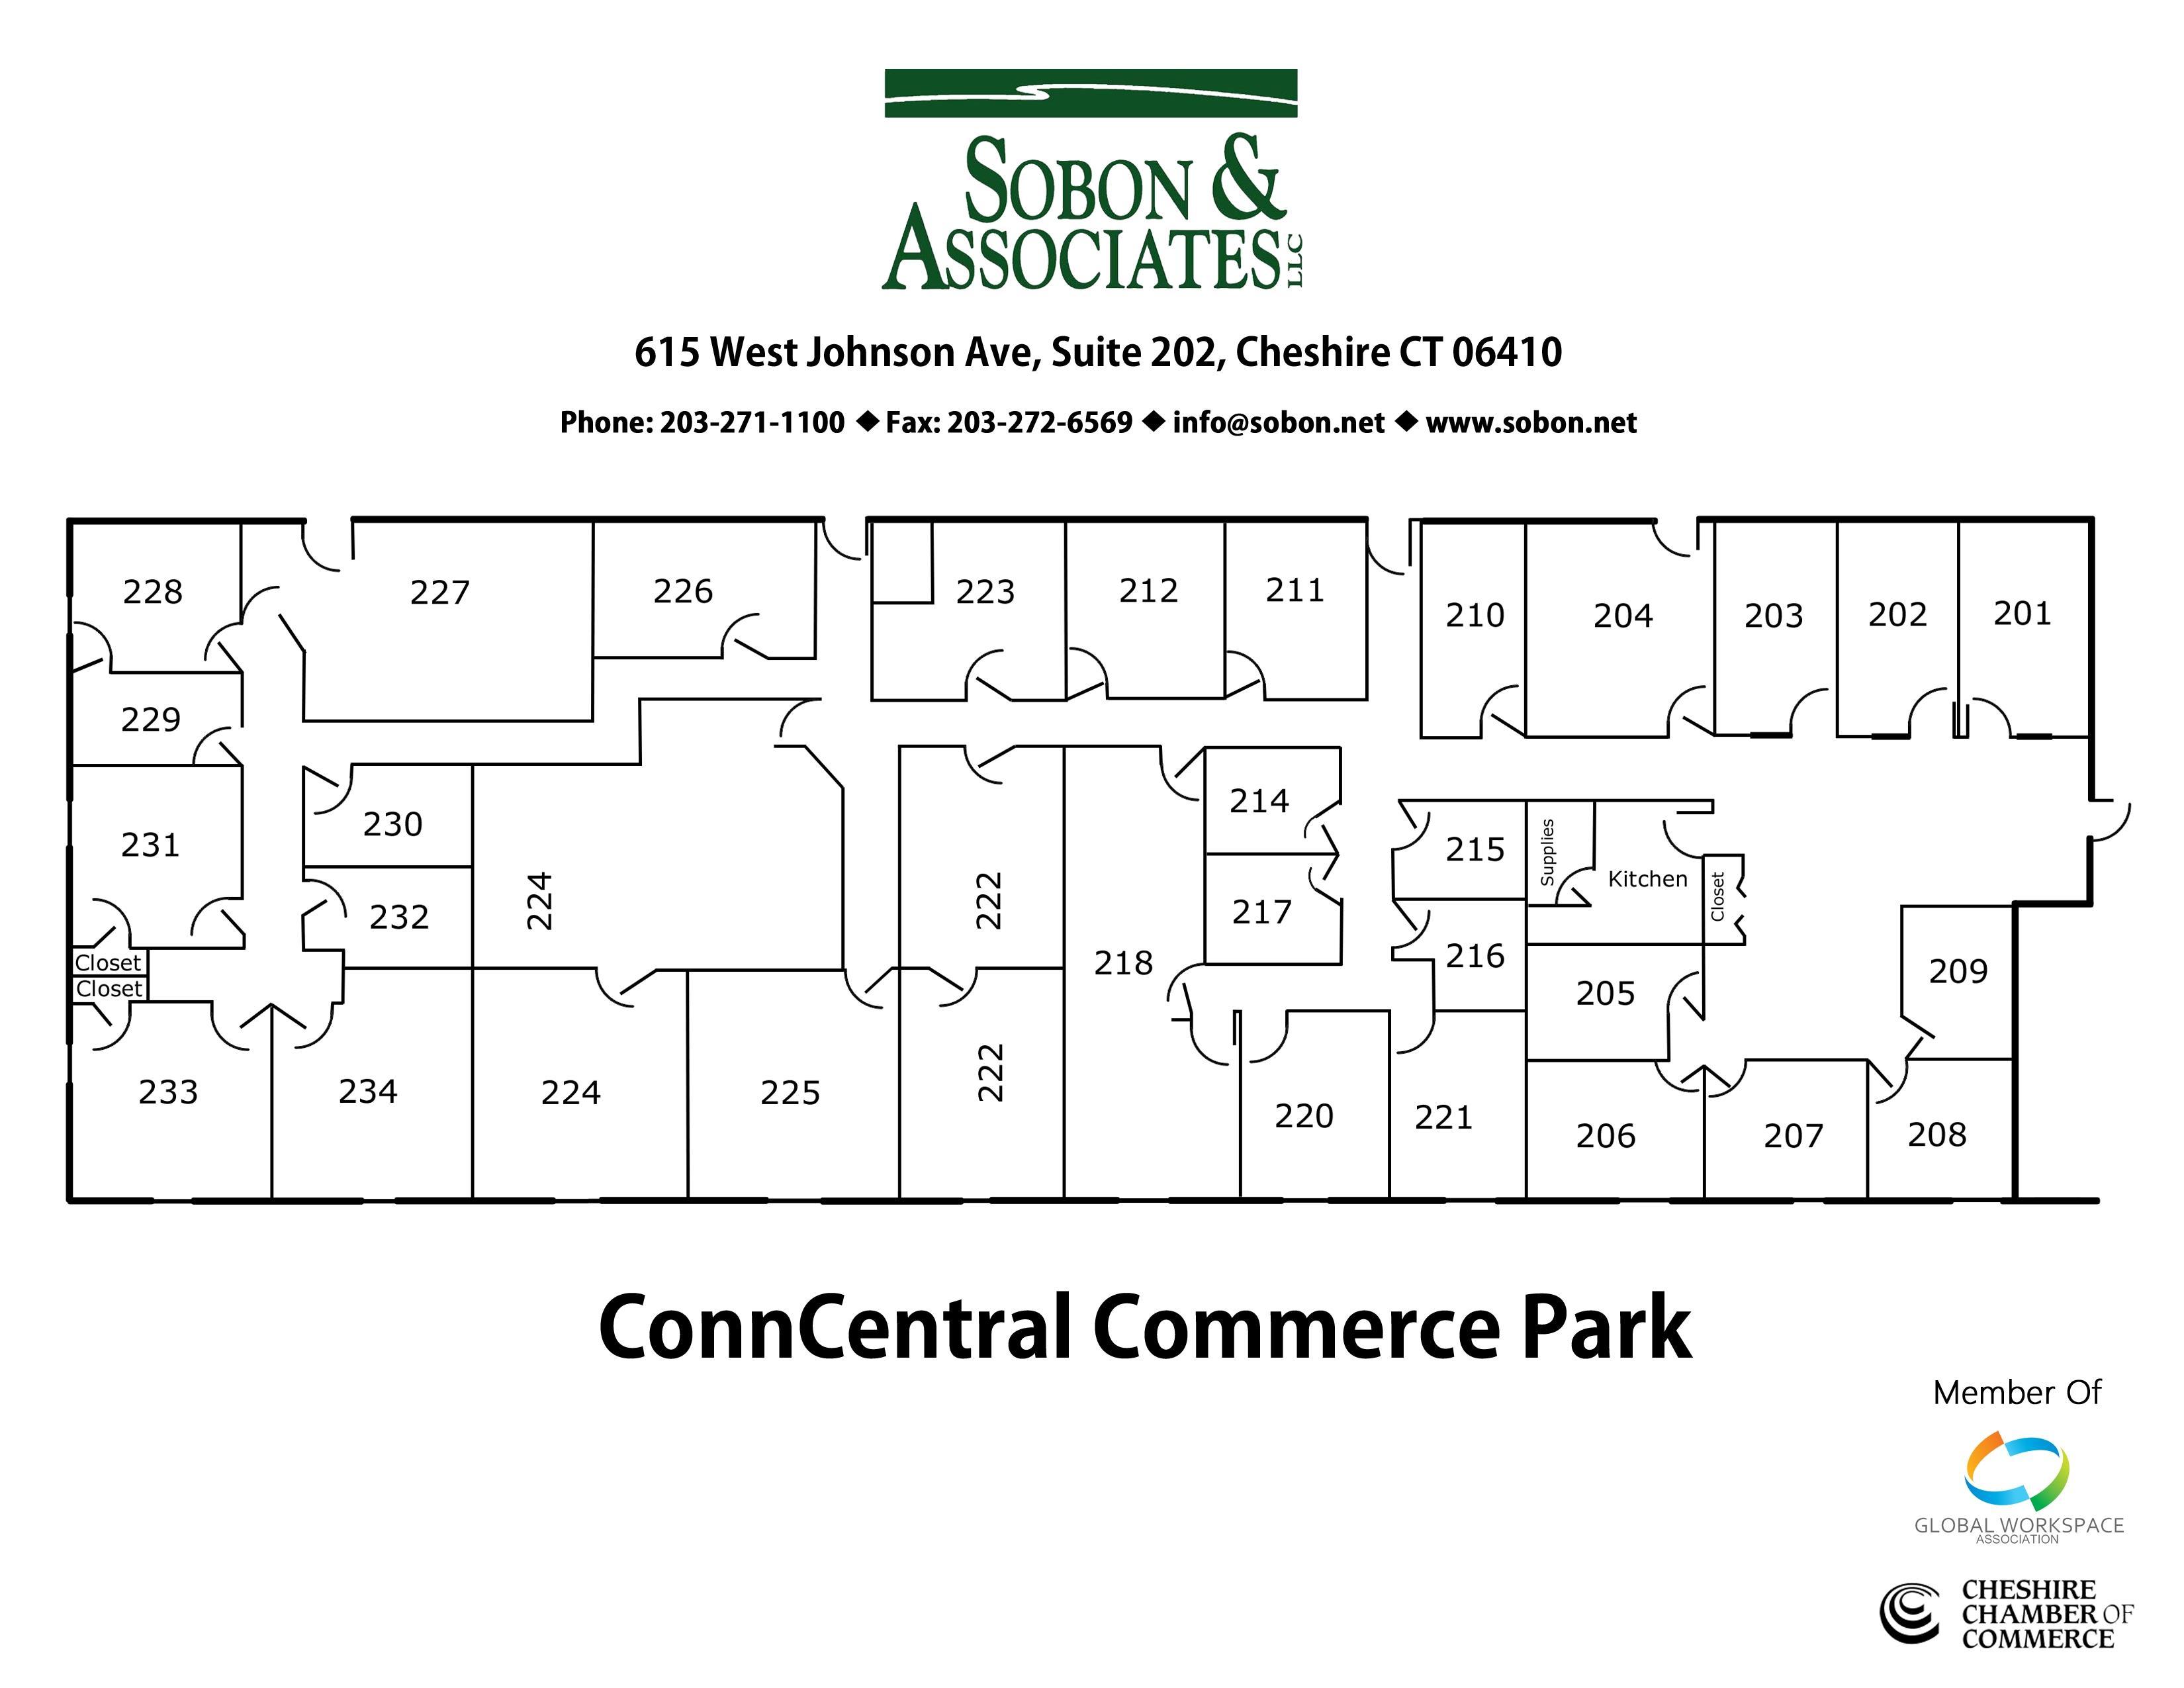 Sobon & Associates Business Center - Office 207